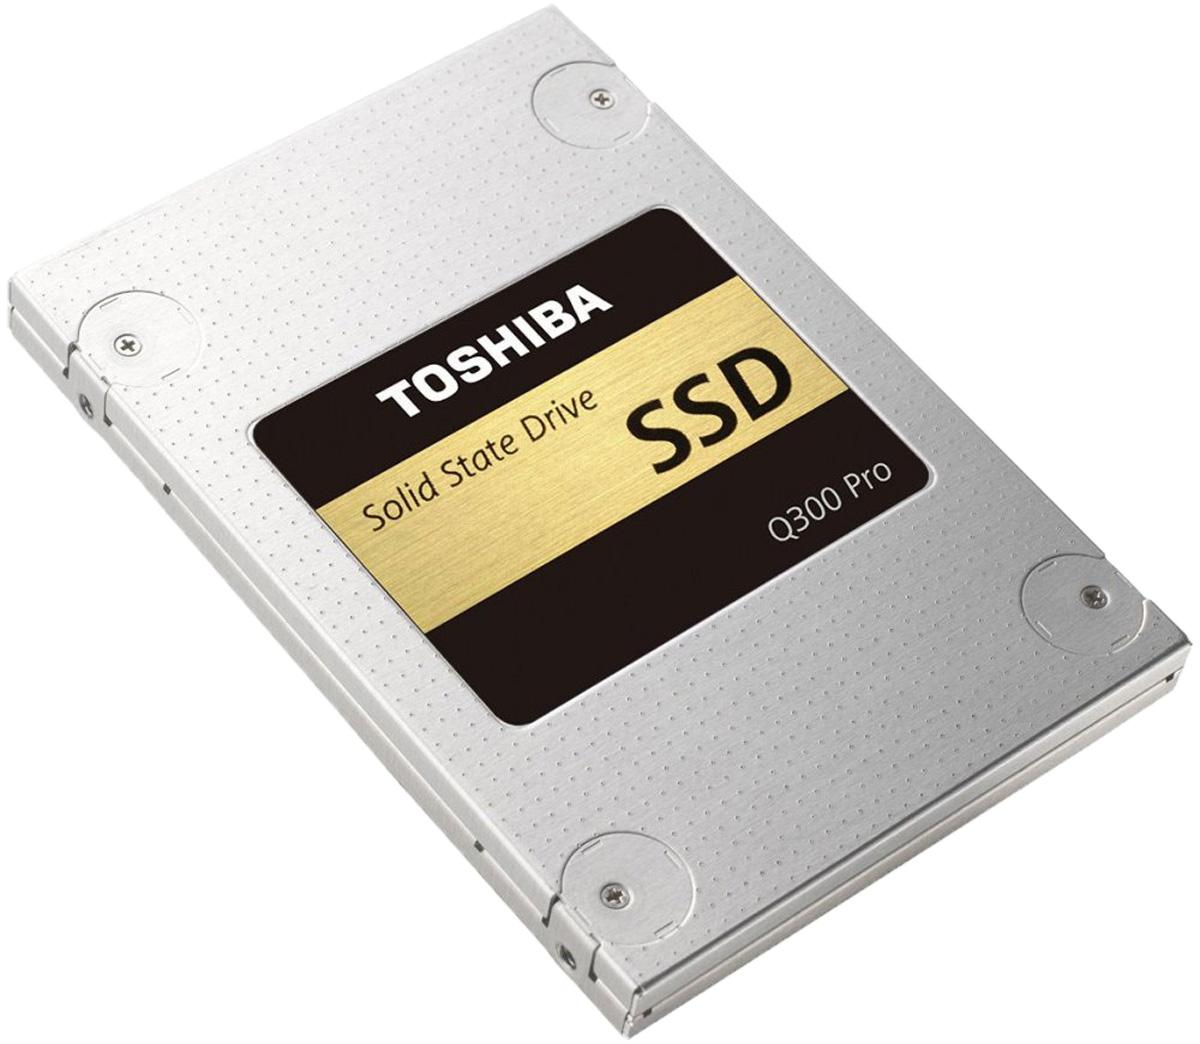 Toshiba Q300 Pro 256GB SSD-накопитель (HDTSA25EZSTA)HDTSA25EZSTAХотите повысить производительность своего компьютера? Для твердотельного накопителя Toshiba Q300 Pro ограничений скорости просто не существует. Вы хотите добиться максимальной производительности в играх, быстрой загрузки системы и прироста скорости при редактировании видео и фотографий? Тогда SSD Toshiba с двухуровневыми ячейками — это ваш выбор. При этом высокая скорость работы не означает, что ваша система станет потреблять больше электроэнергии. В отличие от традиционных жестких дисков у твердотельных накопителей нет механических частей, поэтому они работают бесшумно и отличаются более высокой прочностью. Компания Toshiba всемирно известна качеством и надёжностью своей продукции, поэтому вашим данным абсолютно ничего не угрожает. Благодаря флэш-памяти Toshiba премиум-класса, высокой производительности и надёжности твердотельный накопитель Q300 Pro может разогнать потенциал любого ноутбука или ПК до максимума. В твердотельном накопителе Q300 Pro...